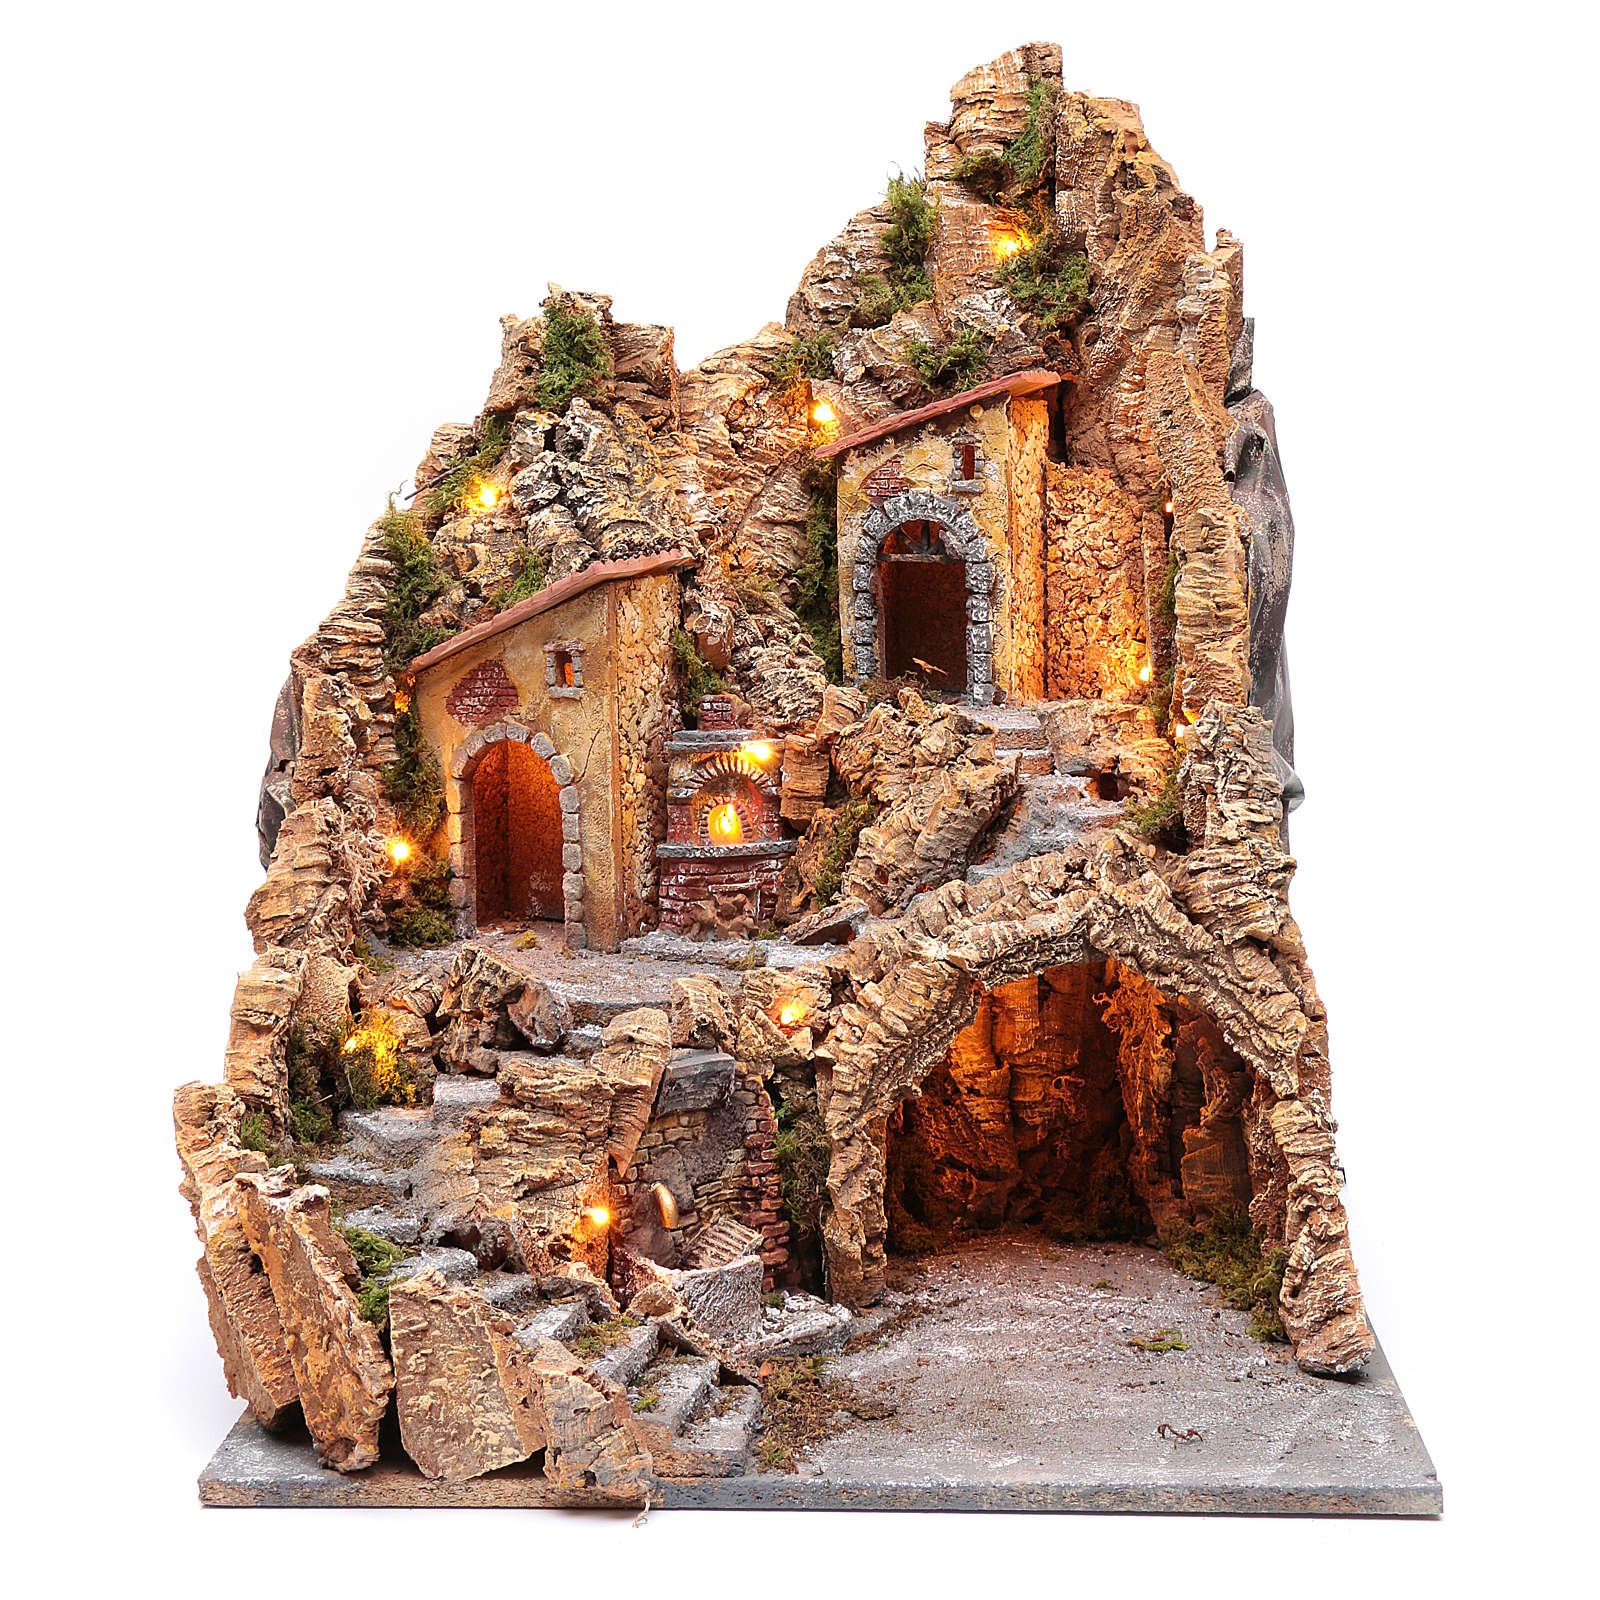 Ambientación belén napolitano gruta, fuenta y horno 60 x 45 x 45 cm 4